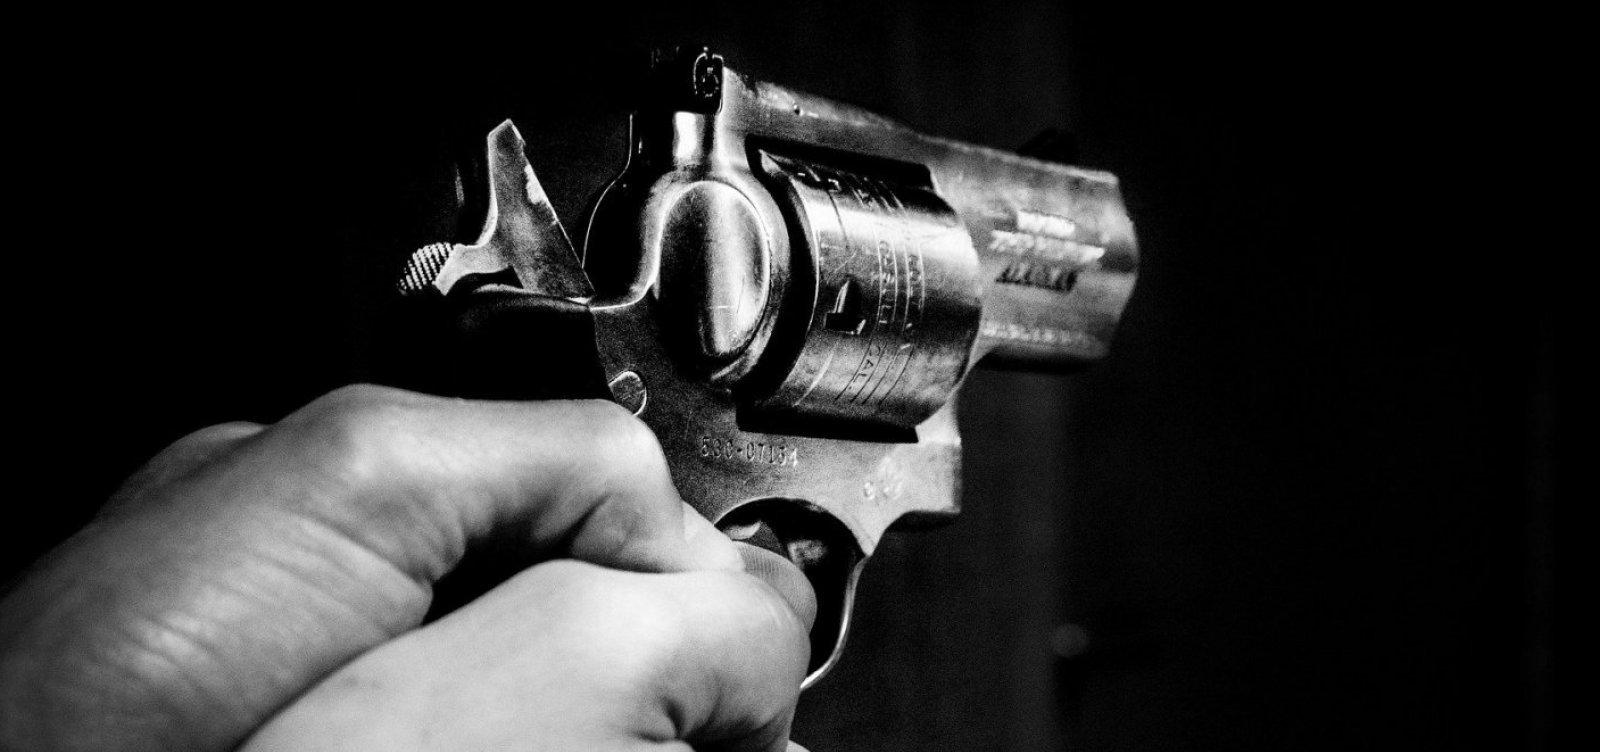 Chacina no Uruguai: grupo armado ataca festa paredão e deixa 6 mortos 12 feridos